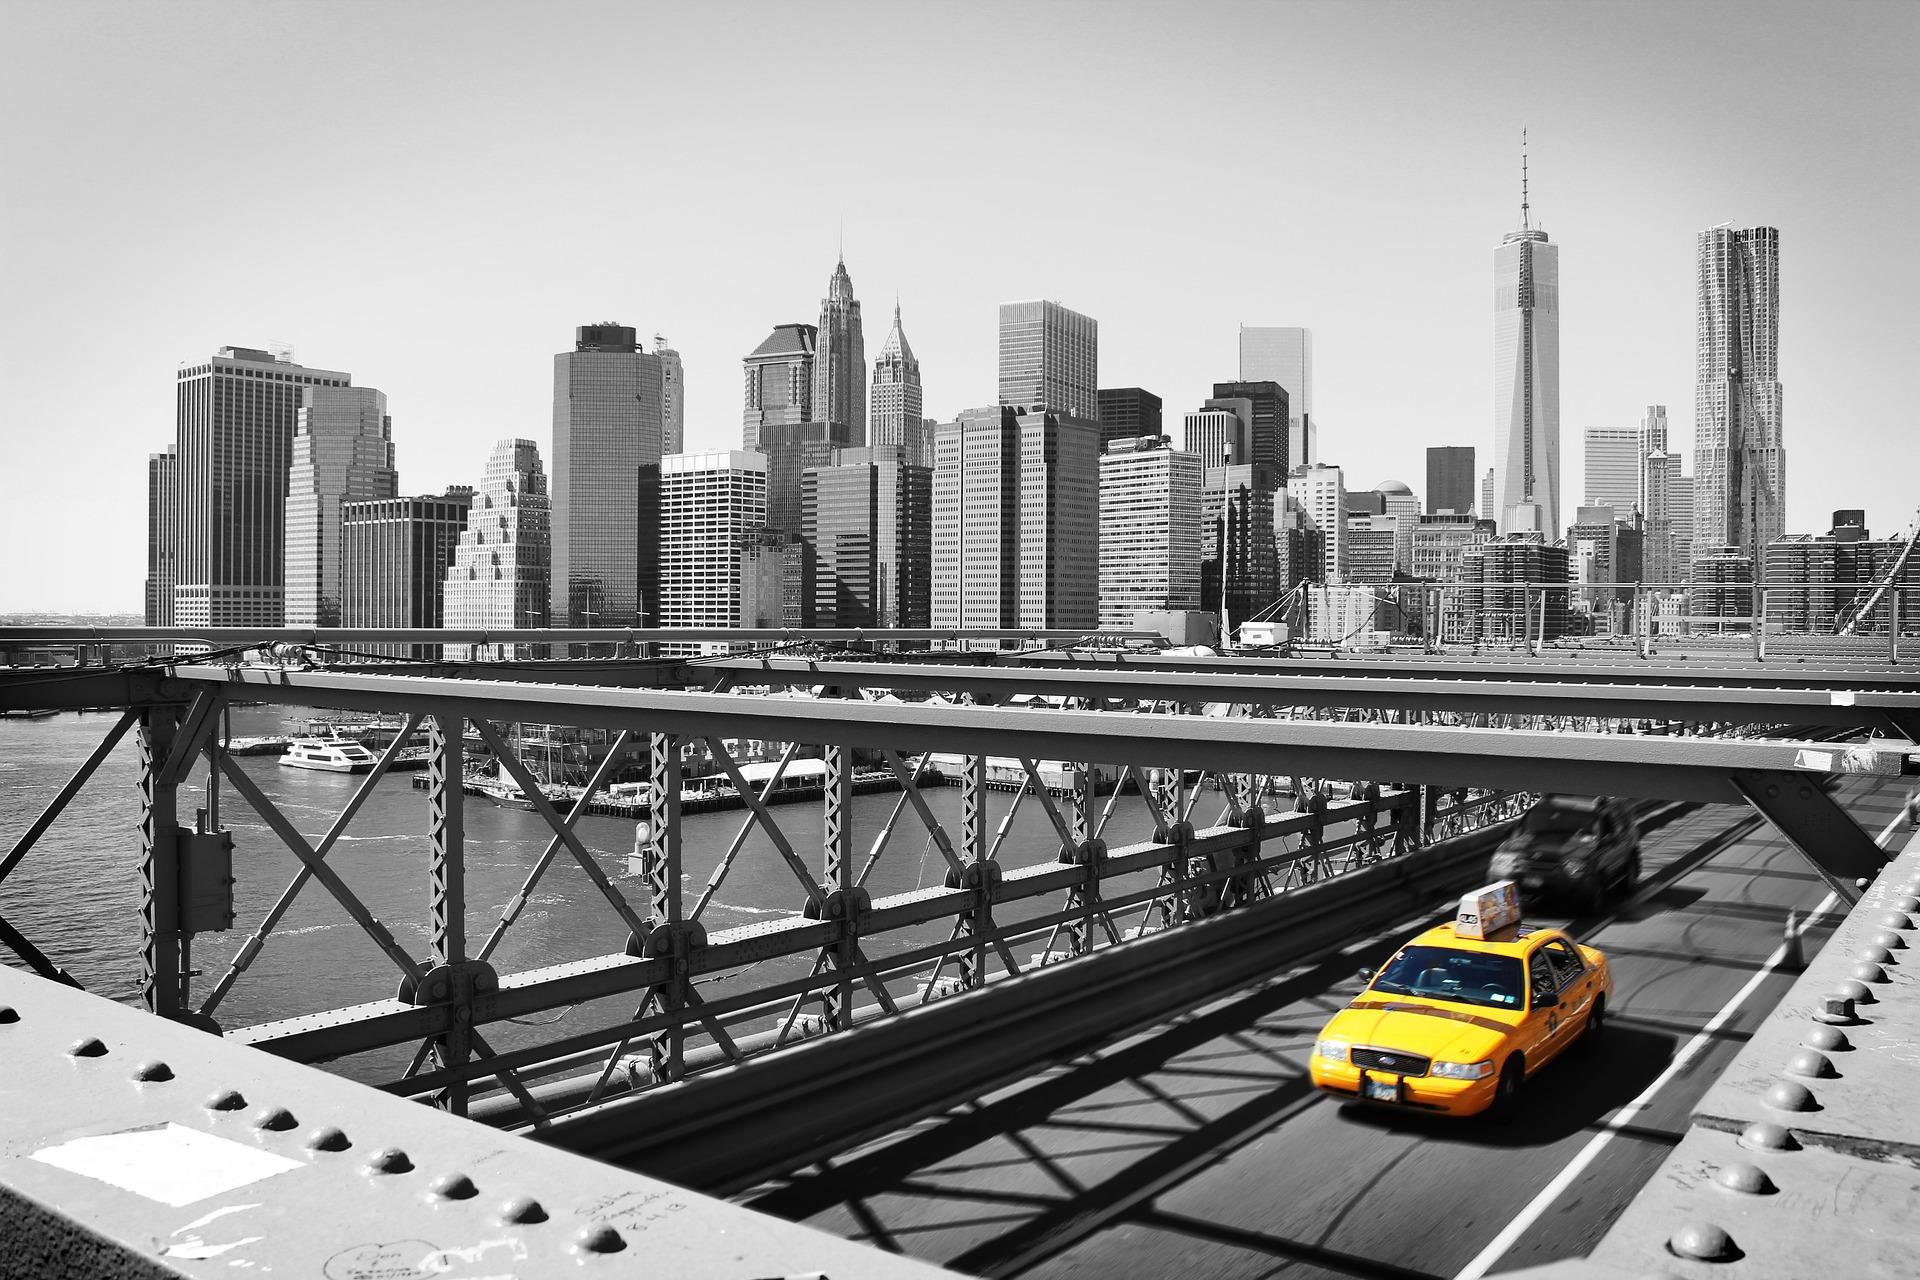 taxi-988364_1920